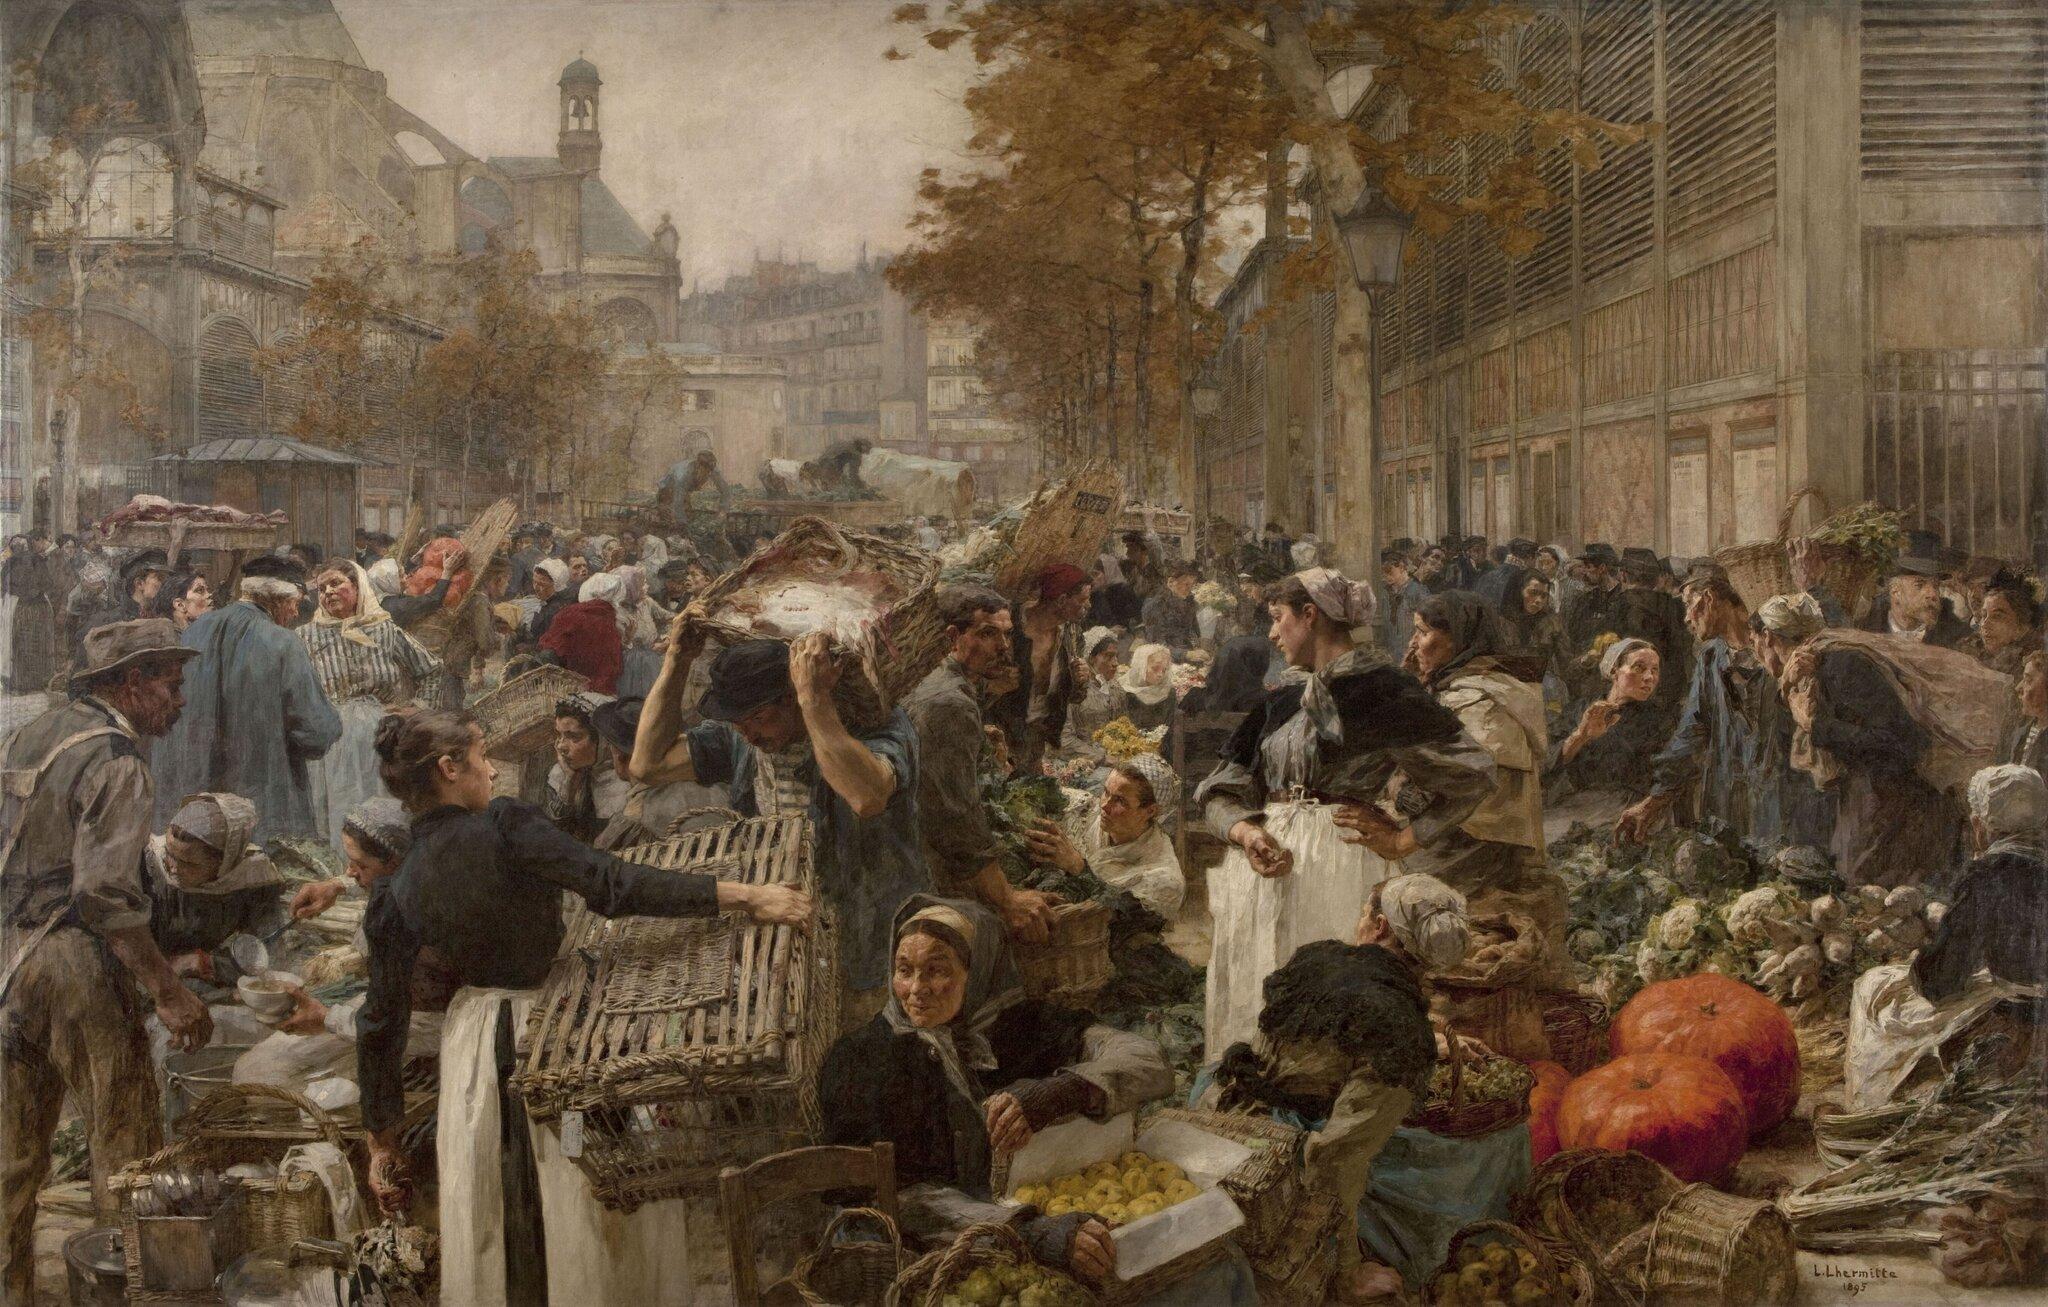 Les Halles Targ wParyżu wdrugiej połowie XIX wieku Źródło: Léon Lhermitte (1844–1925; czyt.: leon lermit; francuski malarz), Les Halles, domena publiczna.